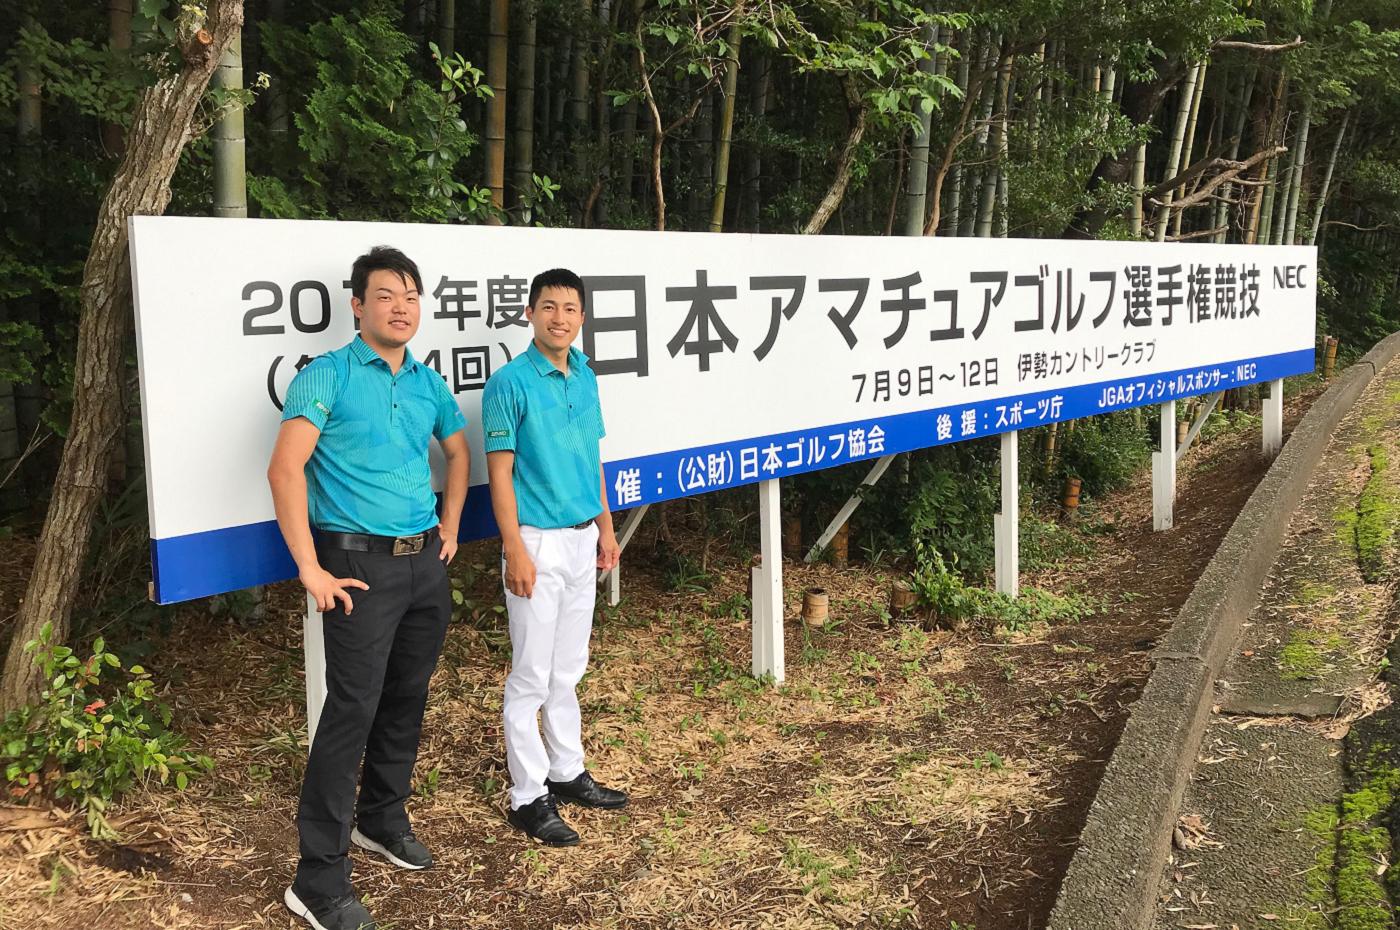 第104回日本アマチュアゴルフ選手権